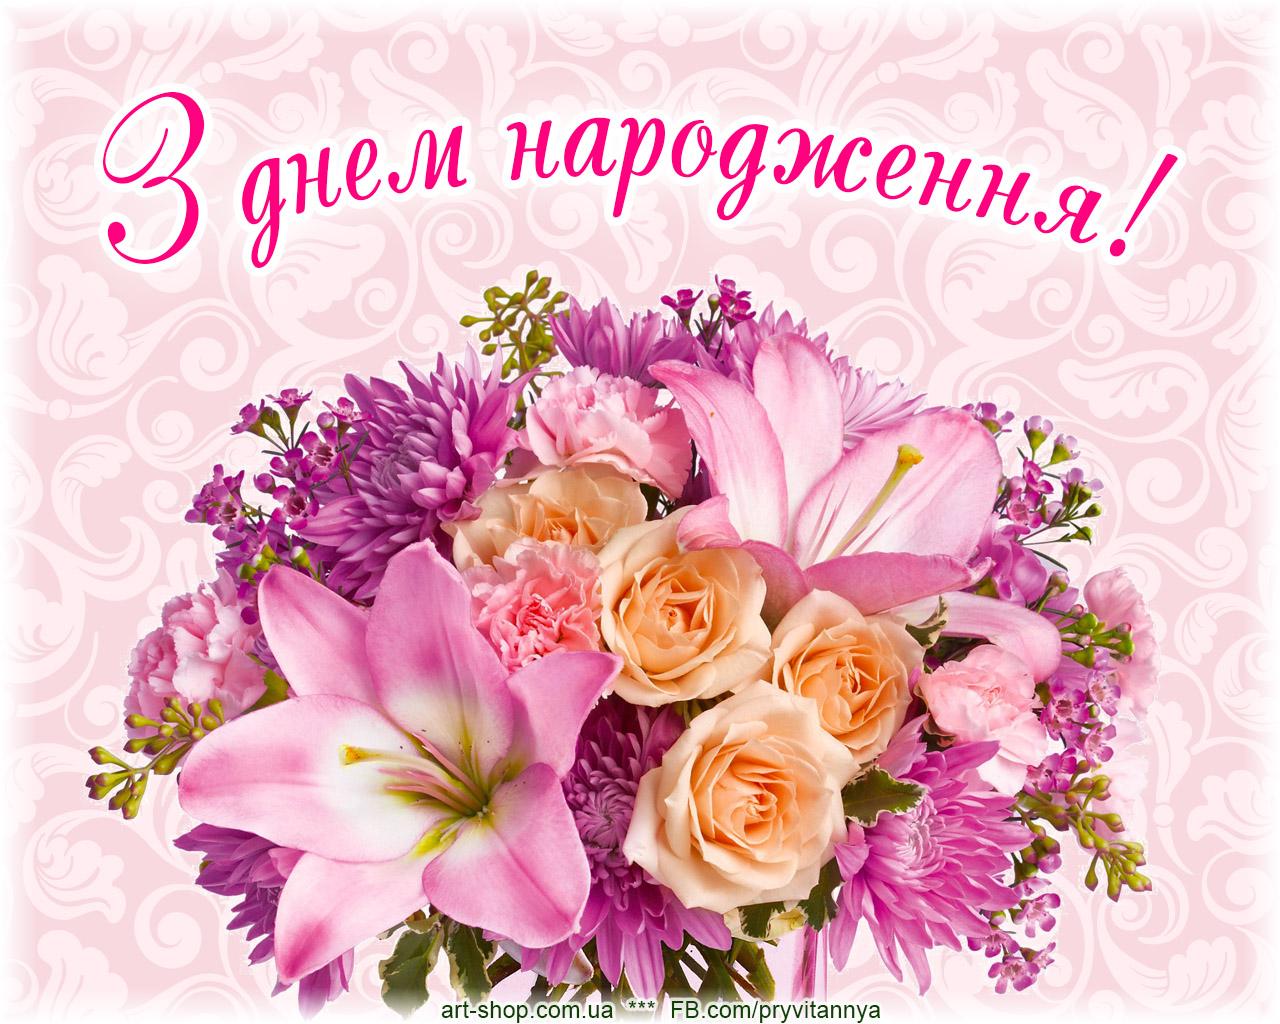 которая пожелания на украинской мове такой новой культуры